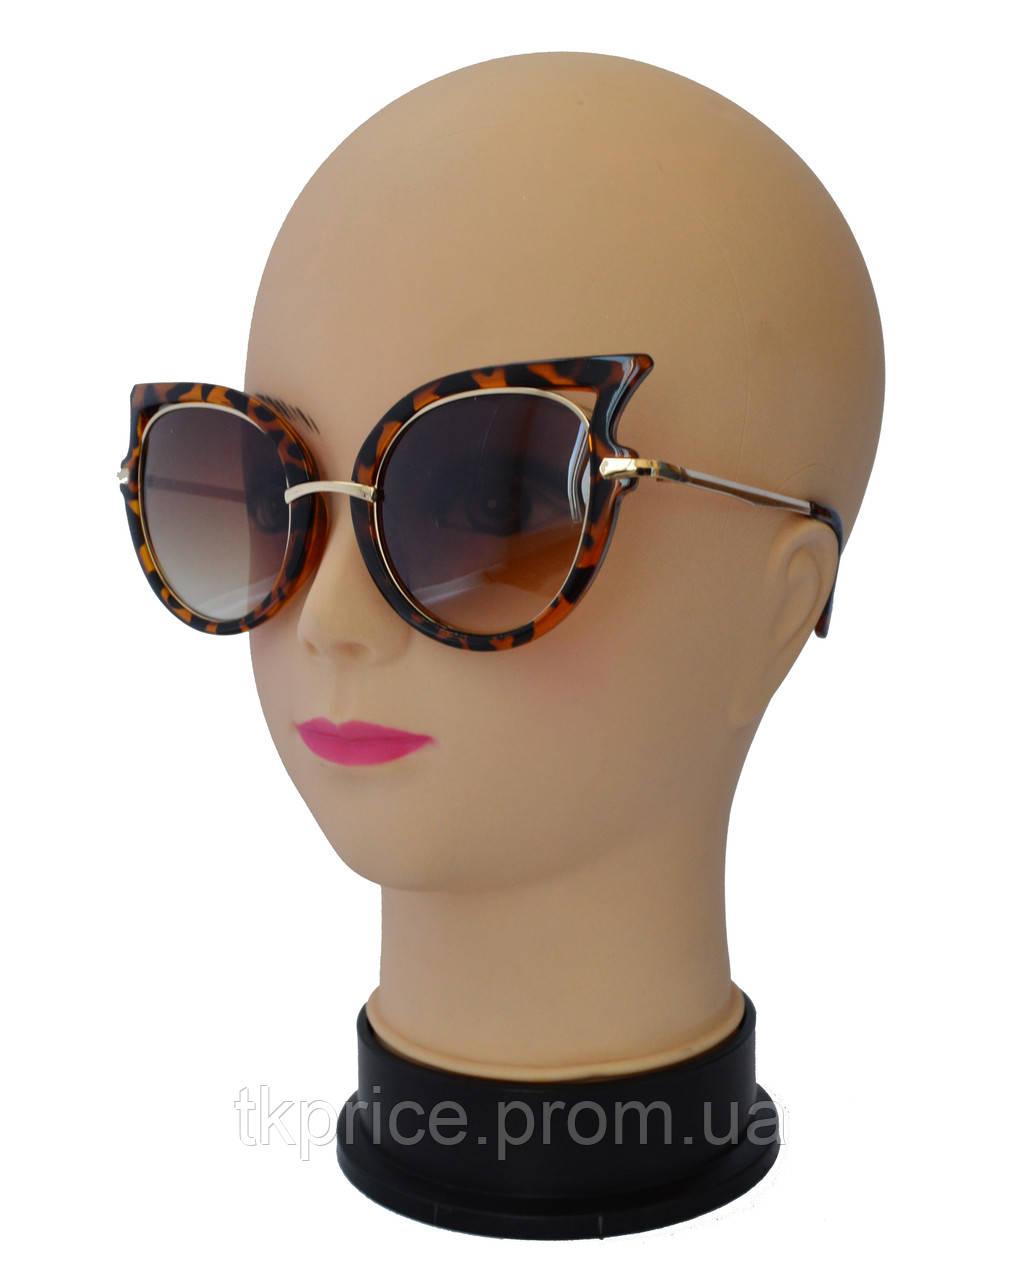 Женские солнцезащитные очки,тигровые